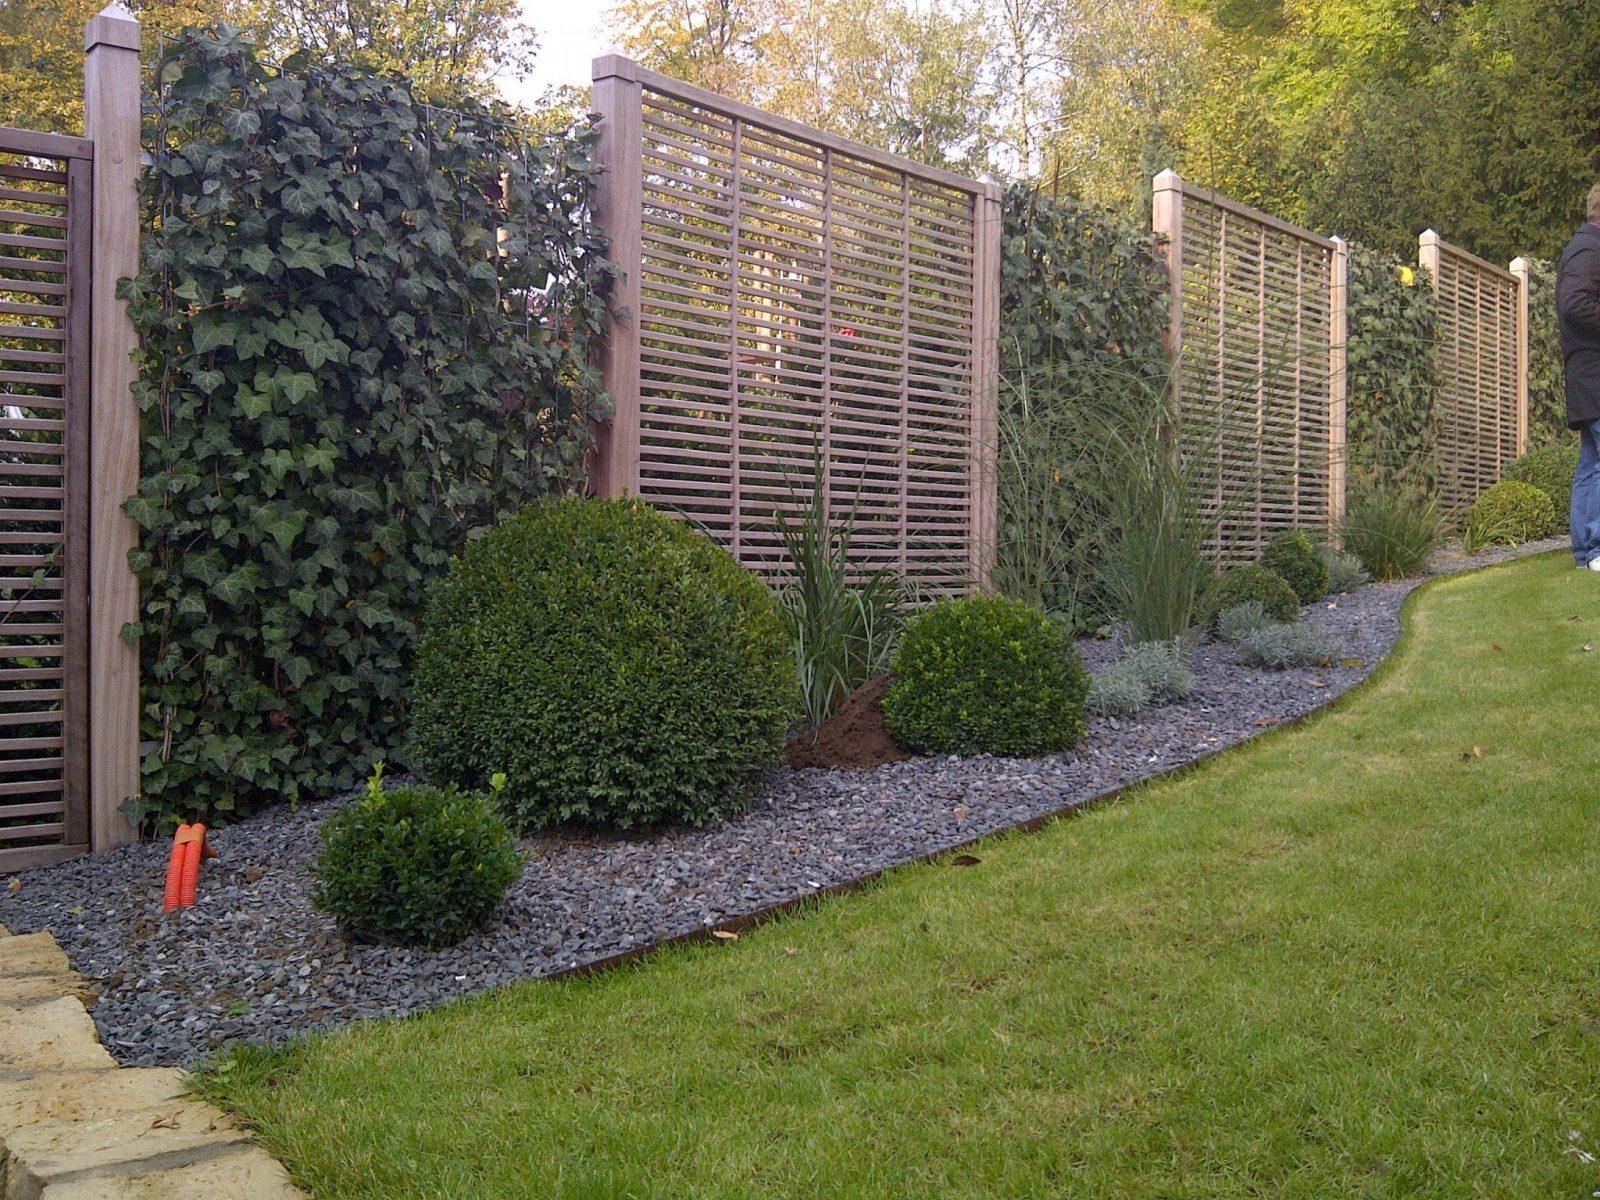 Schöner Sichtschutz Für Den Garten Einfach Wpc Sichtschutz von Schöner Sichtschutz Für Den Garten Photo